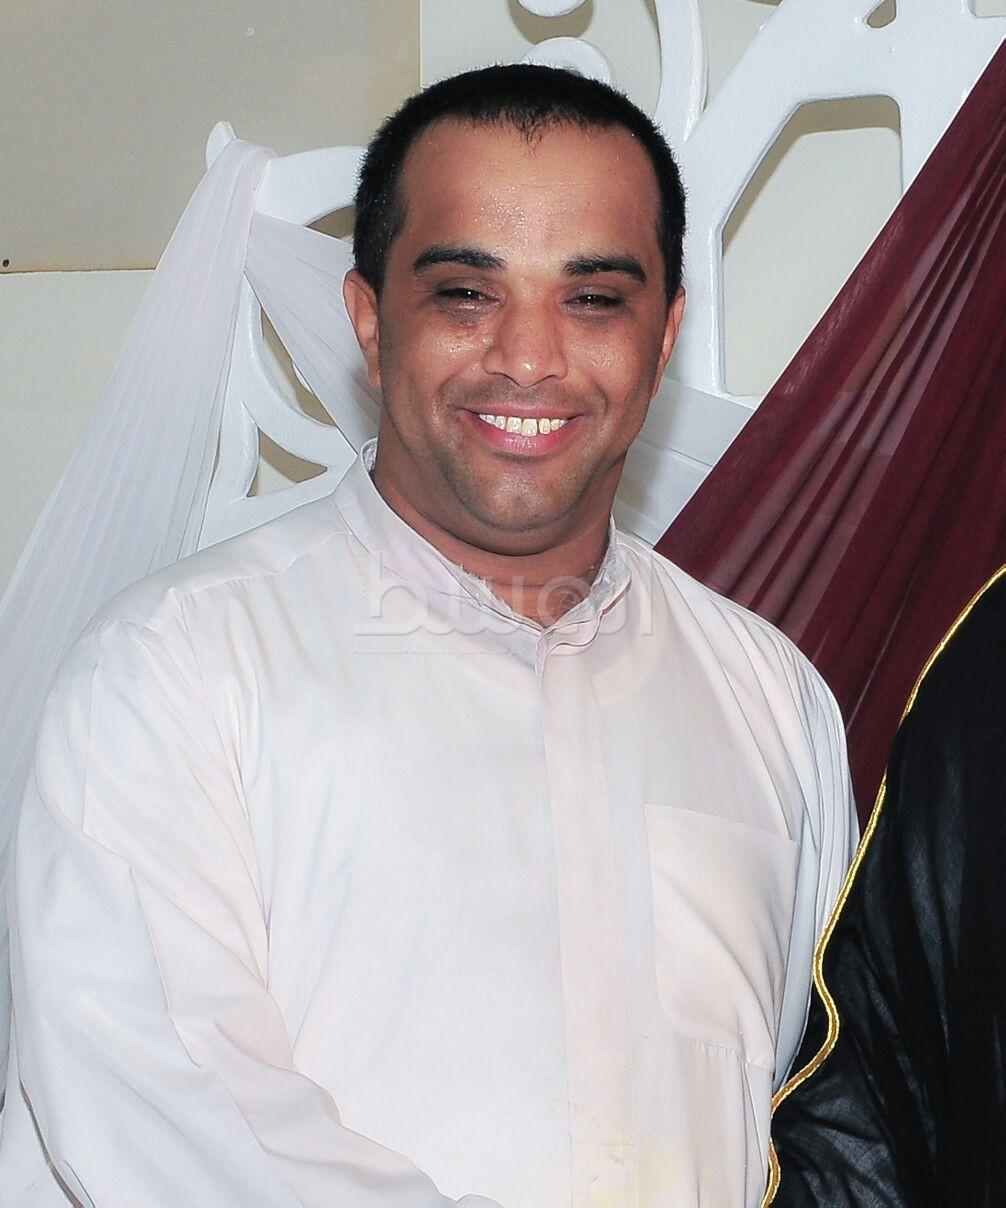 صورة أرشيفية للشاب محمد المبارك